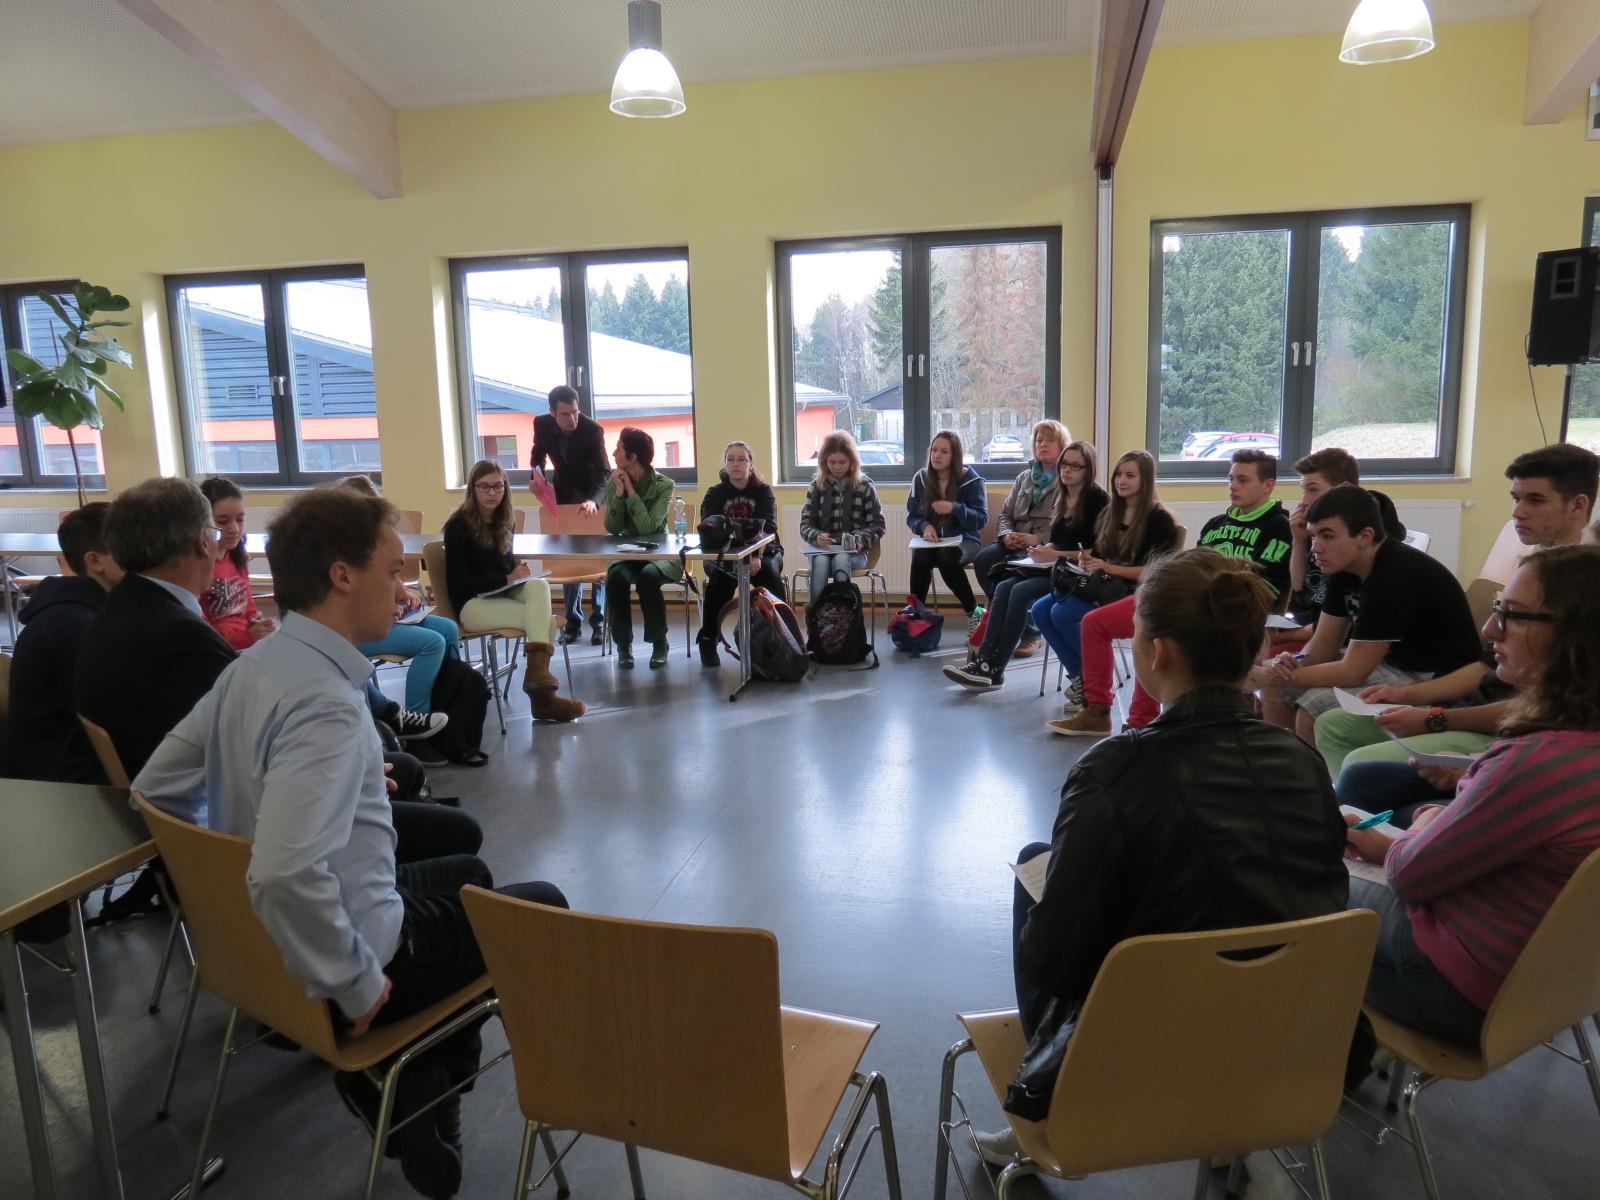 Stuhlkreis schule  Karrieretag 2014: Unternehmen bewerben sich bei Schülern | Paul ...